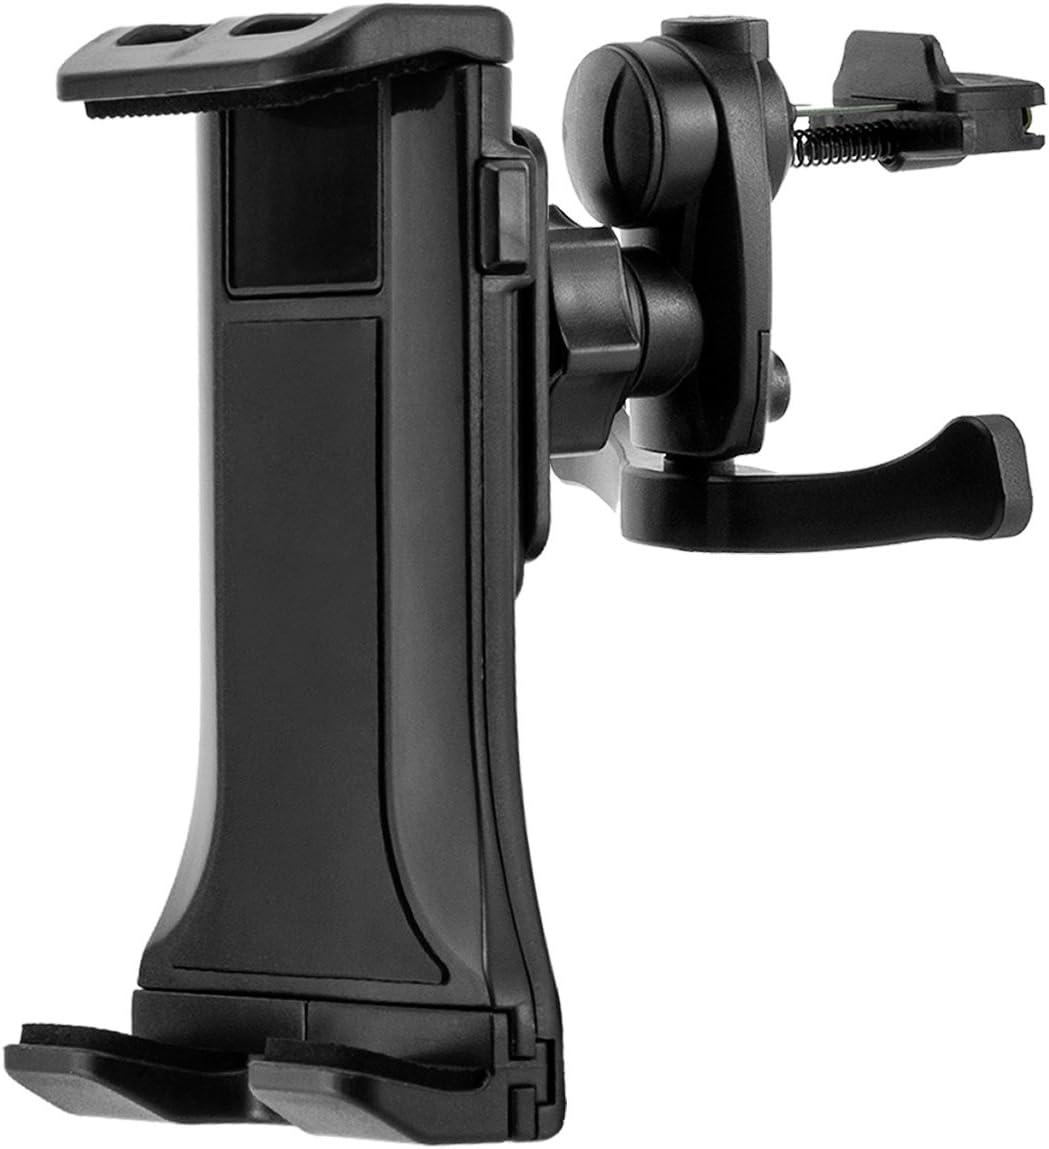 Coche Universal rejilla de ventilación soporte para Smartphone Y ...